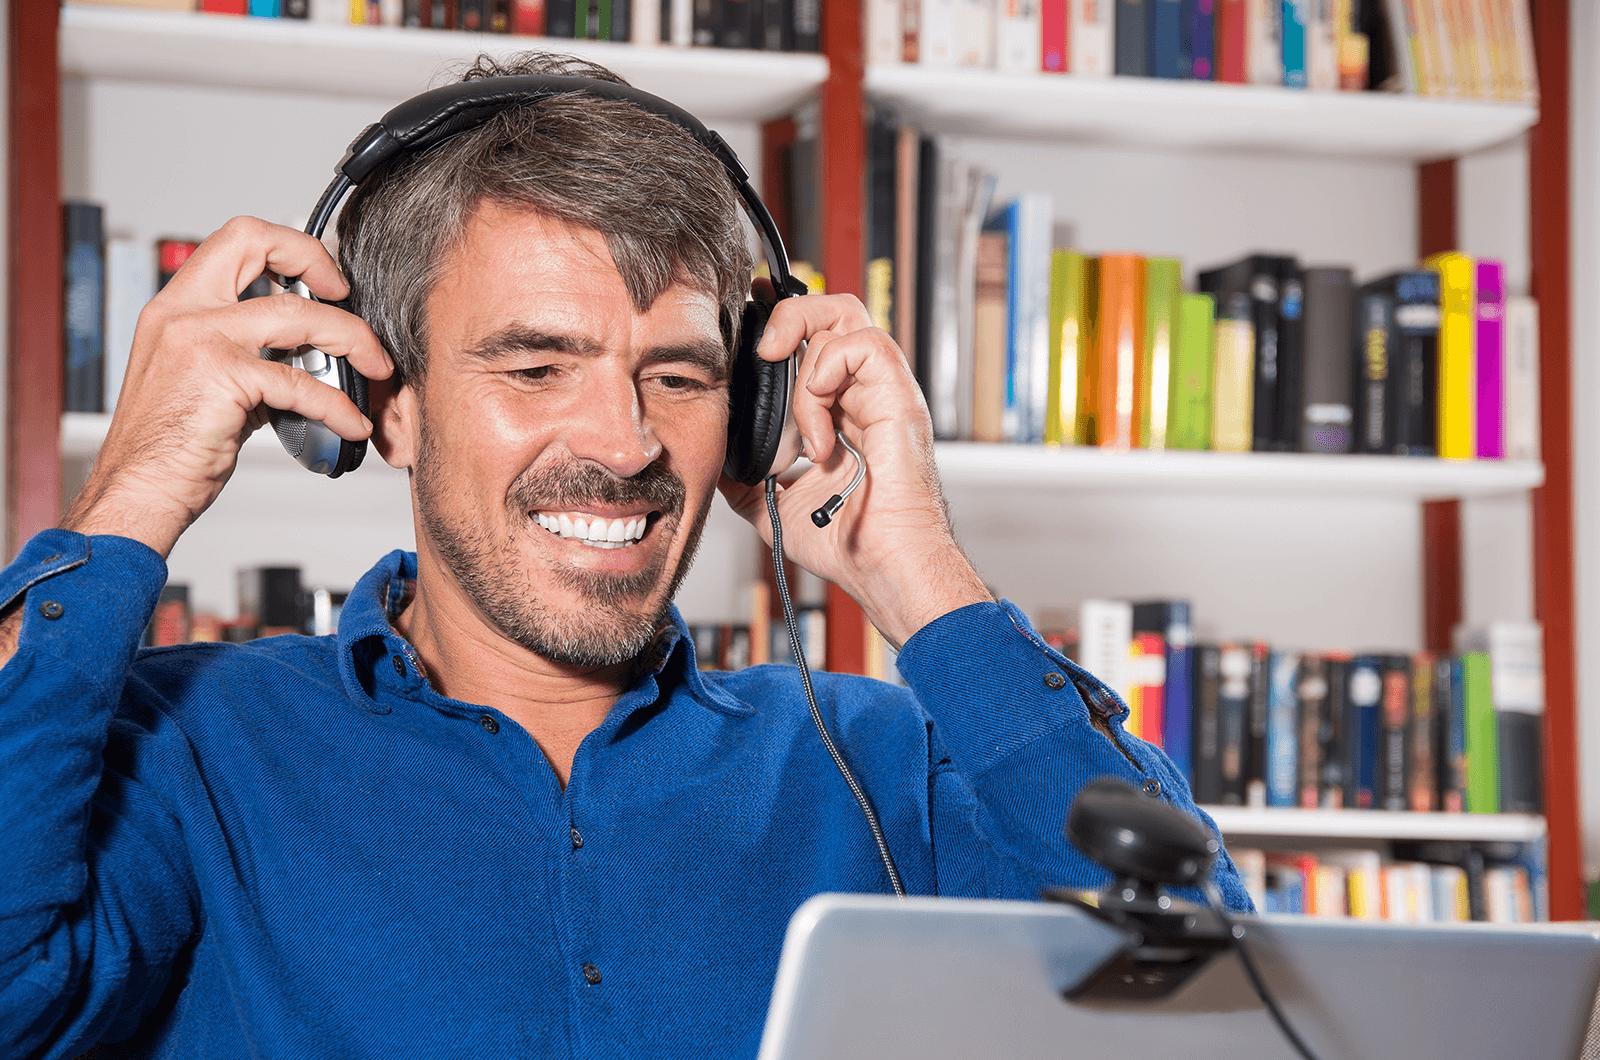 Man in blue shirt adjusting headphones while videoconferencing